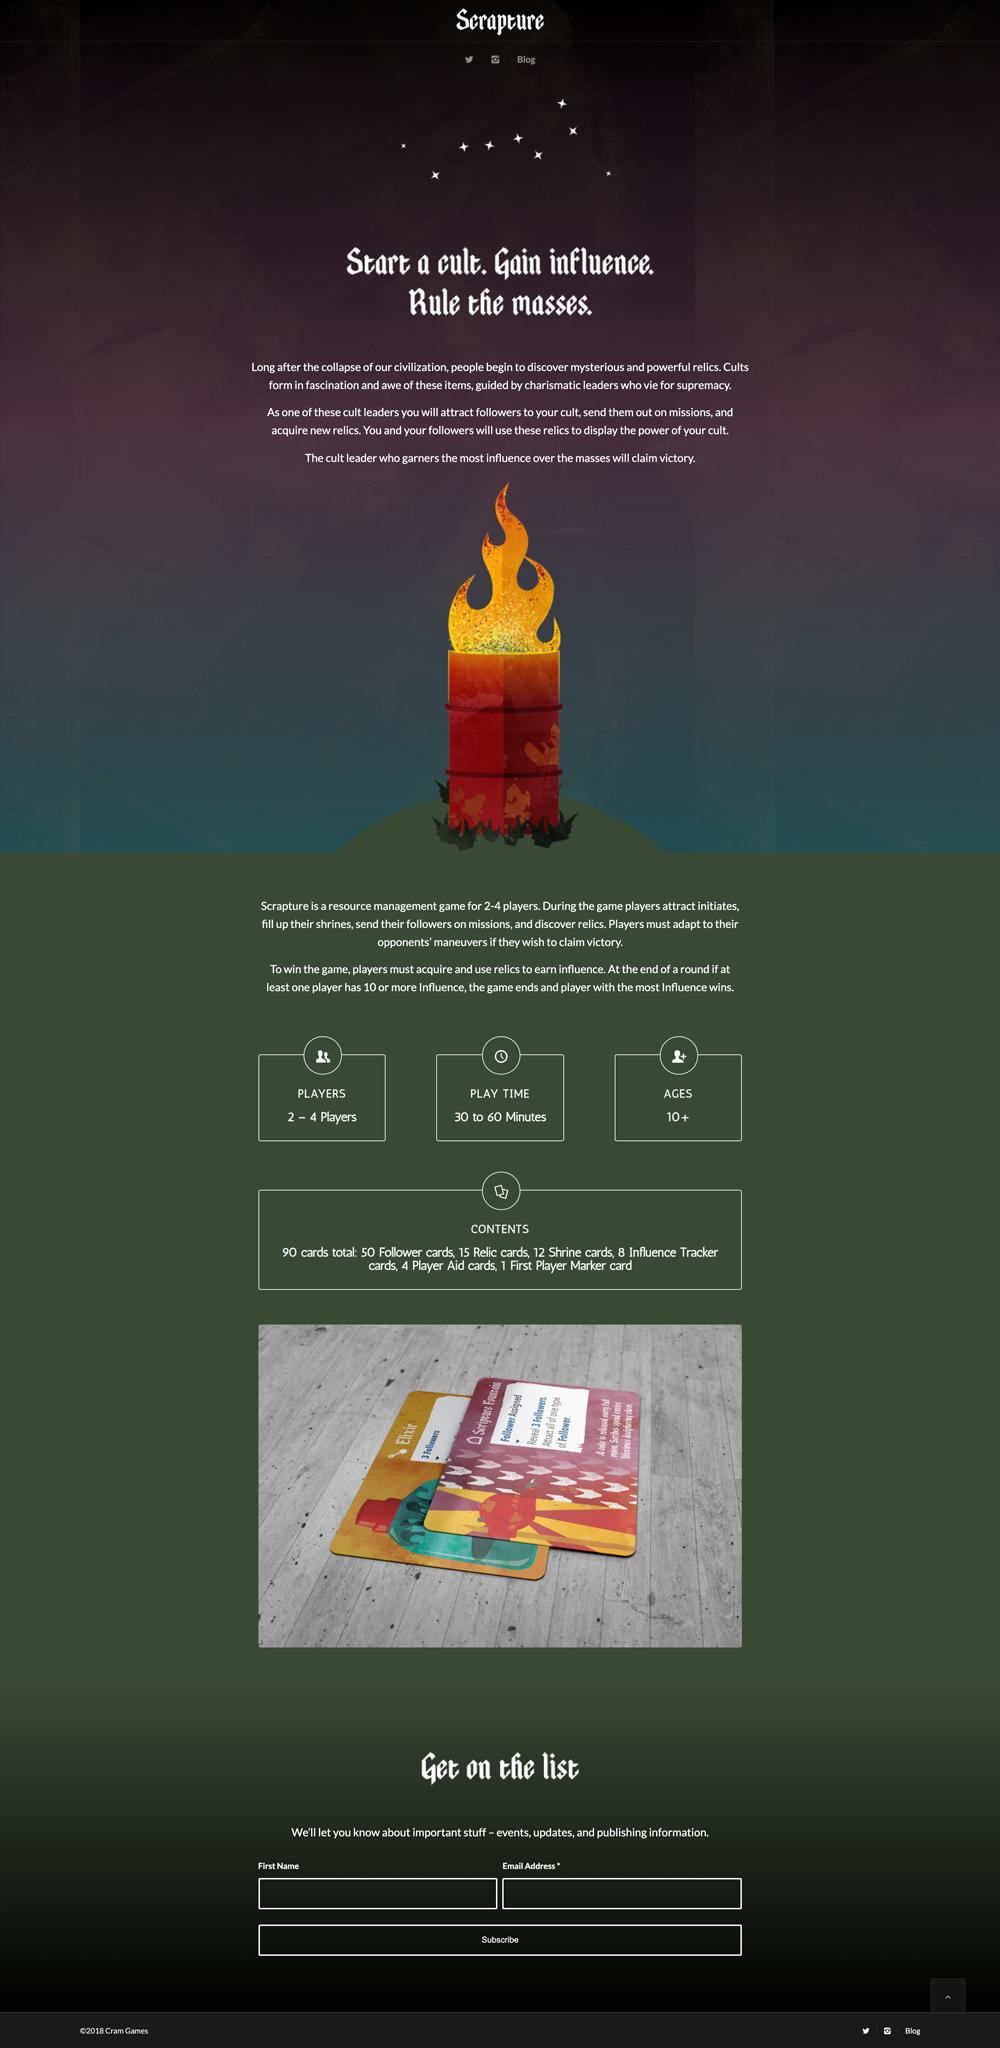 Scrapture Website